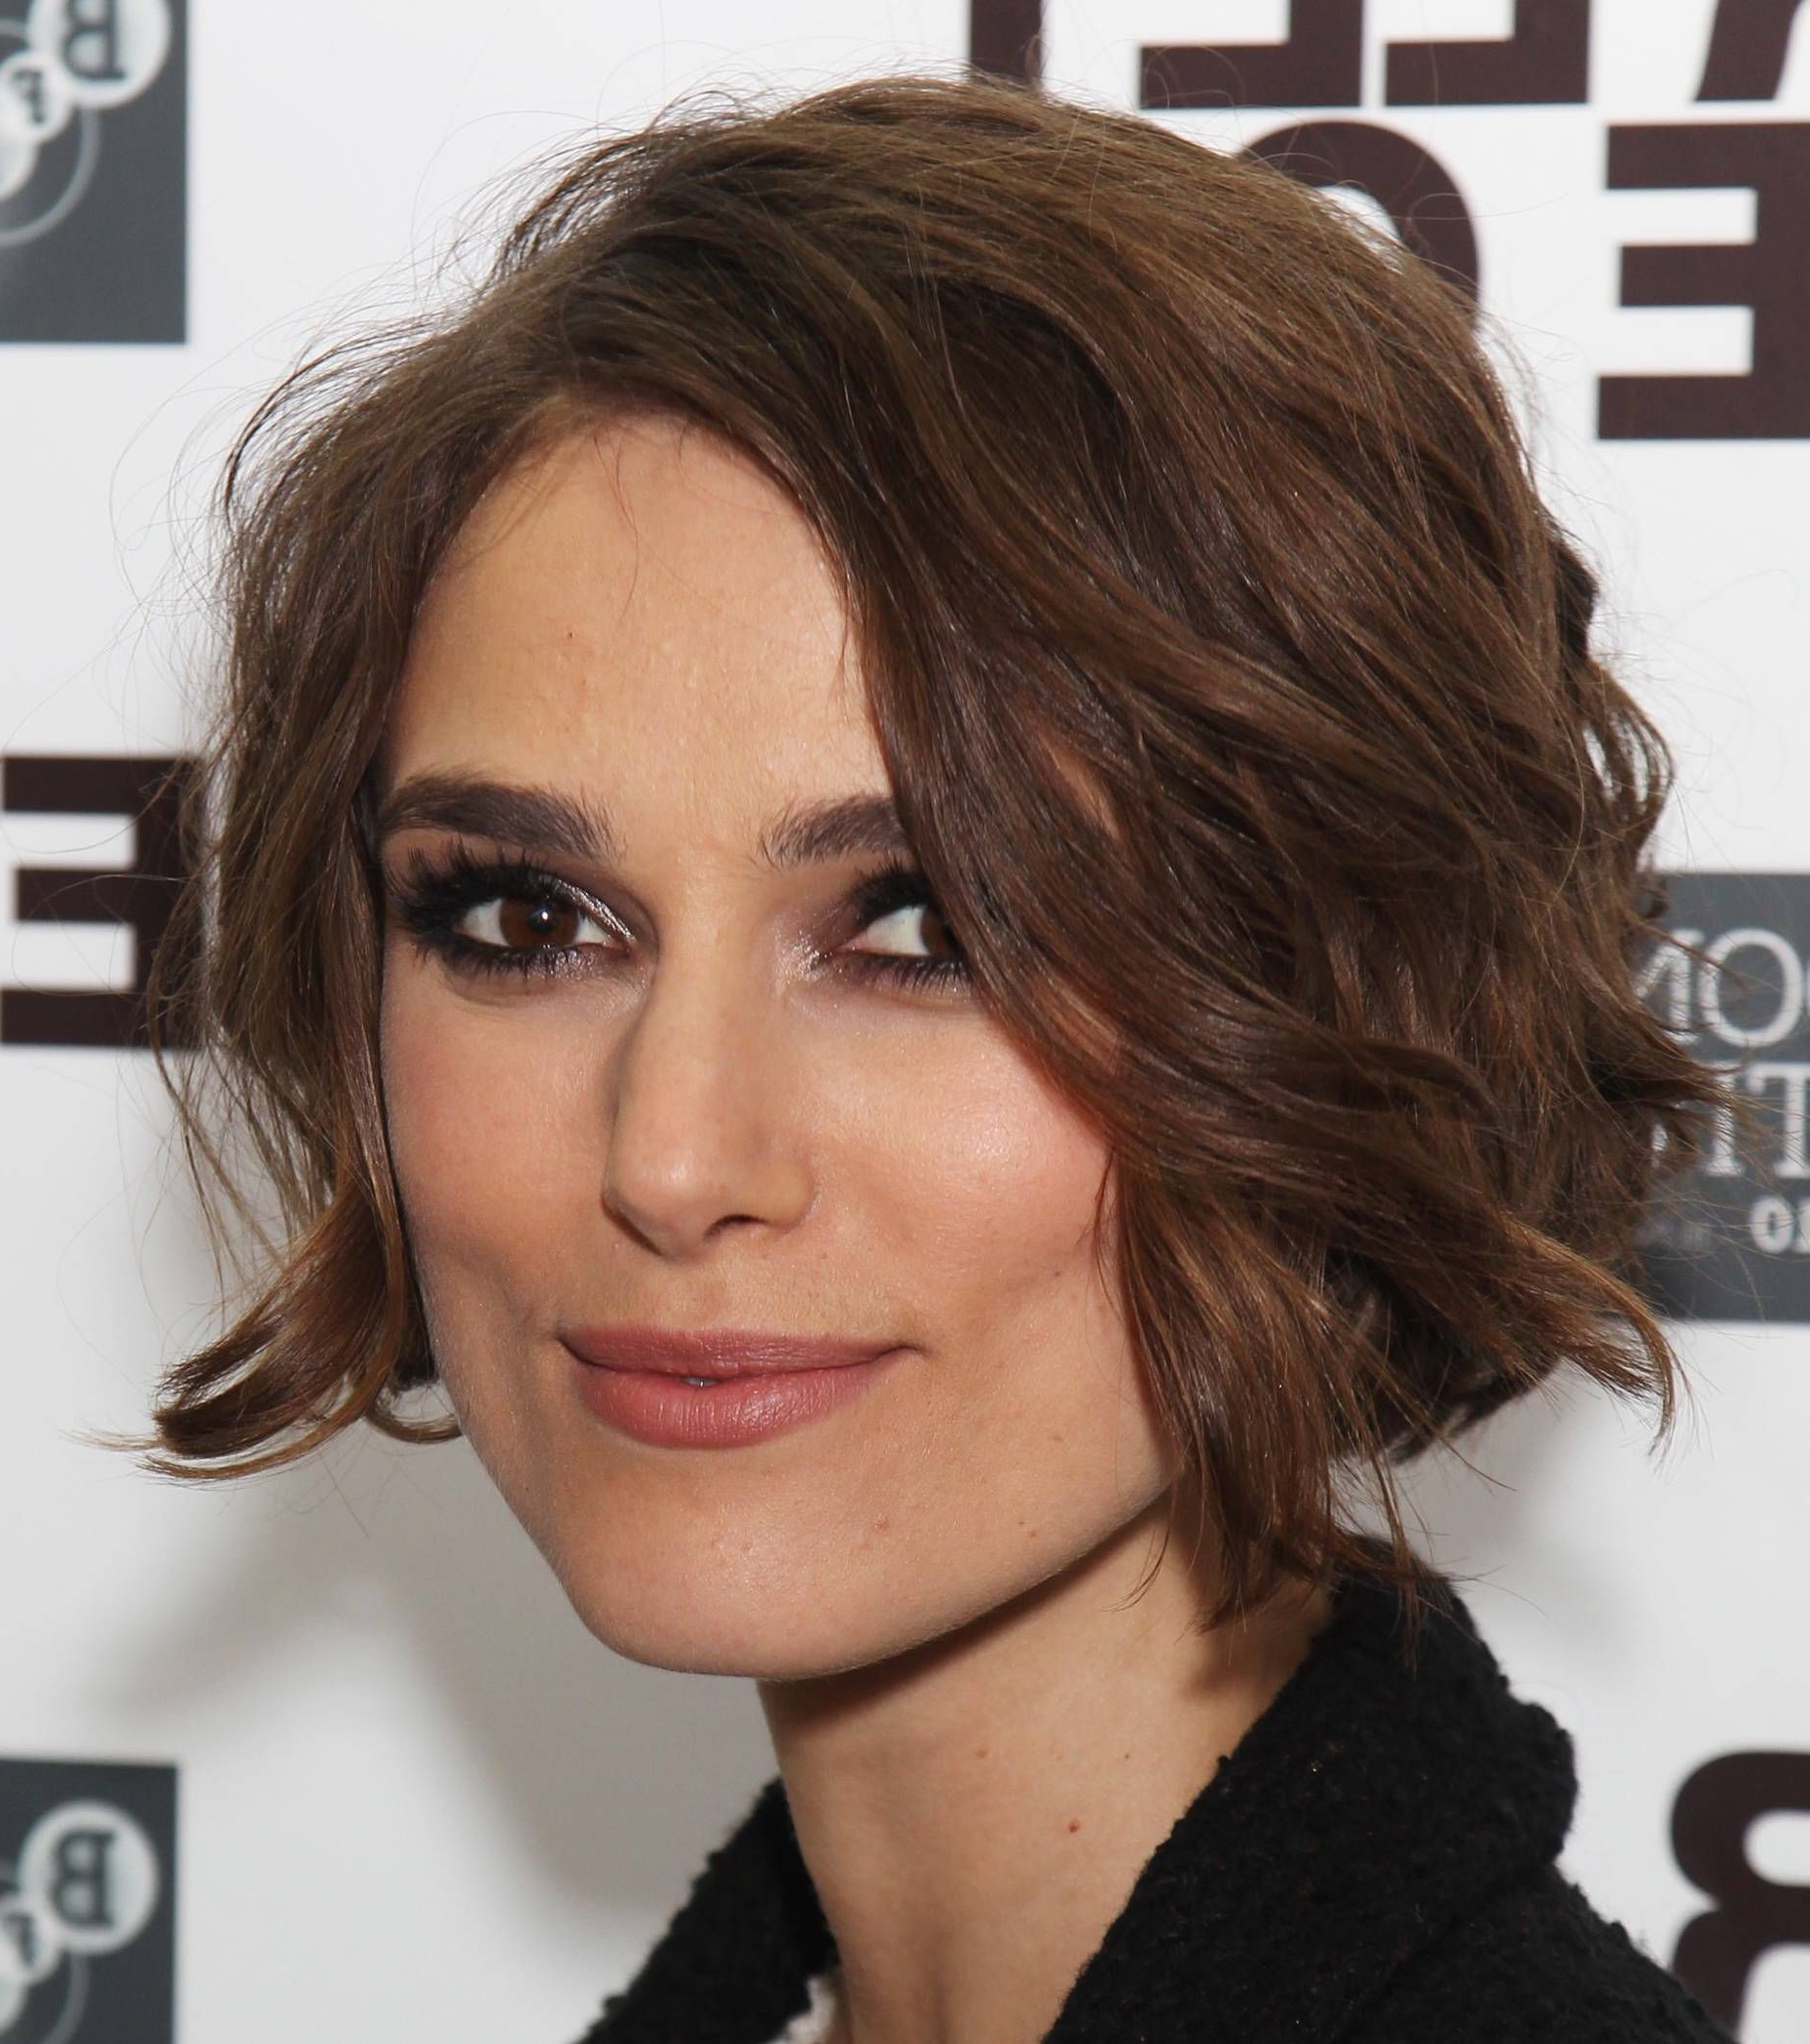 New Beauty Short Hairstyles Short Wavy Hairstyles Low Maintenance in No Maintenance Short Haircuts